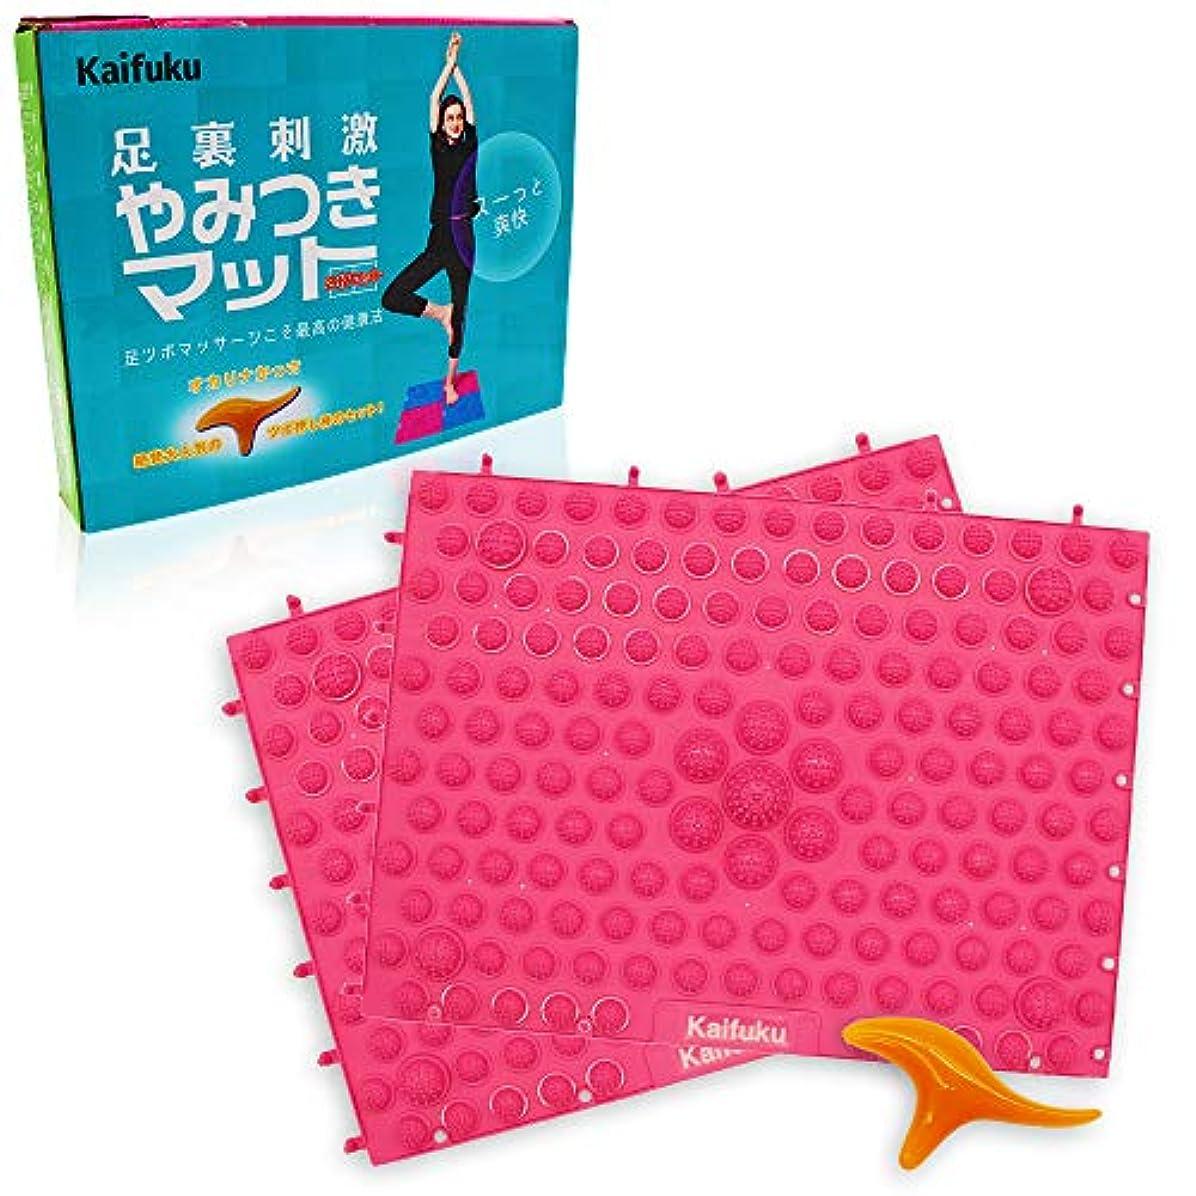 吐き出すトレッド行kaifuku 足つぼマット 足つぼ 足裏マッサージ 足つぼマッサージ ツボ押し (ピンク)